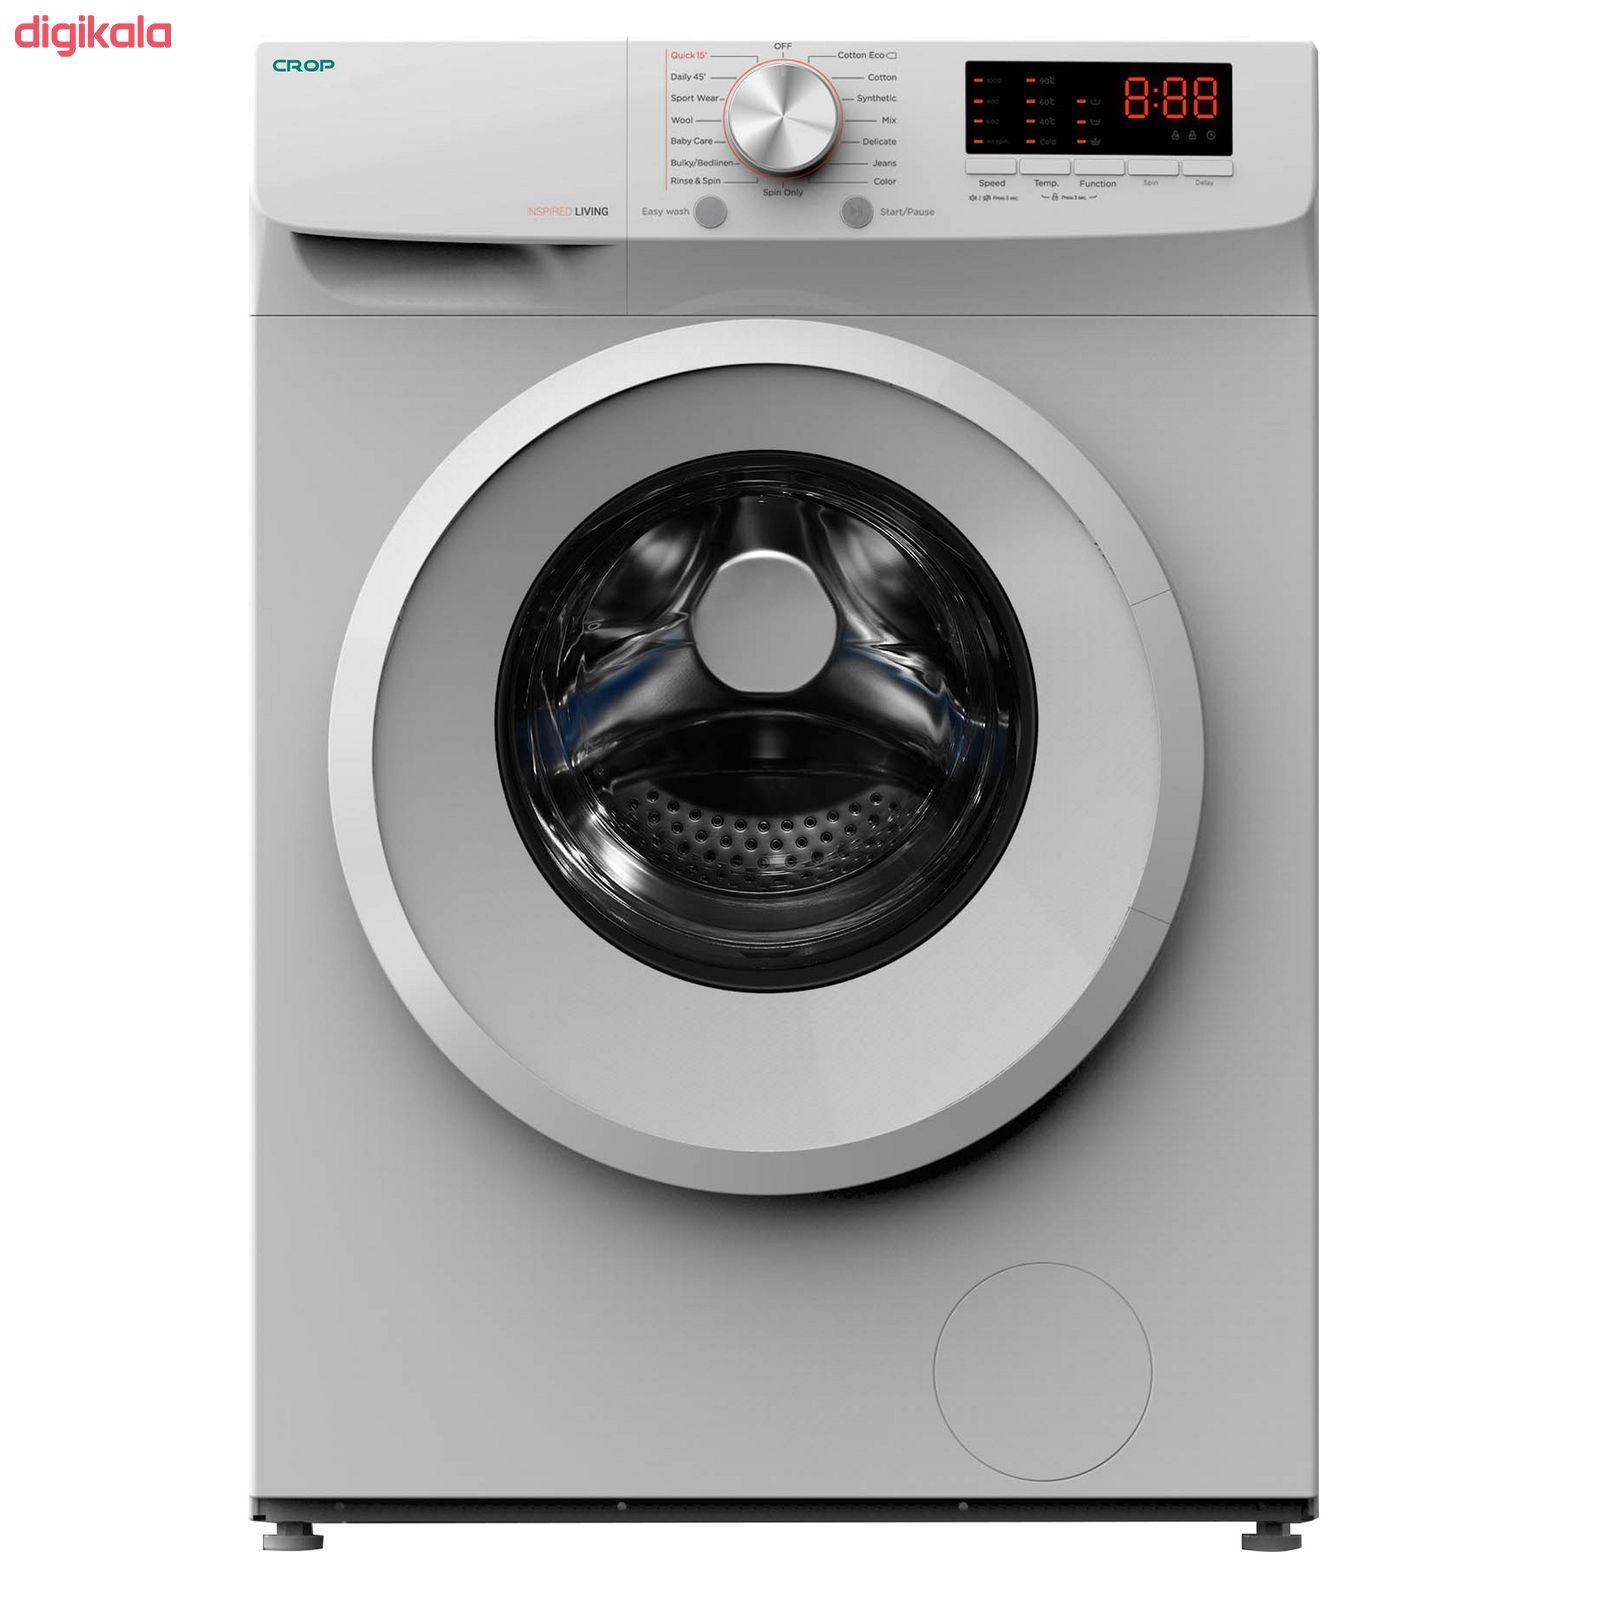 ماشین لباسشویی کروپ مدل WFT-26130 ظرفیت 6 کیلوگرم main 1 1